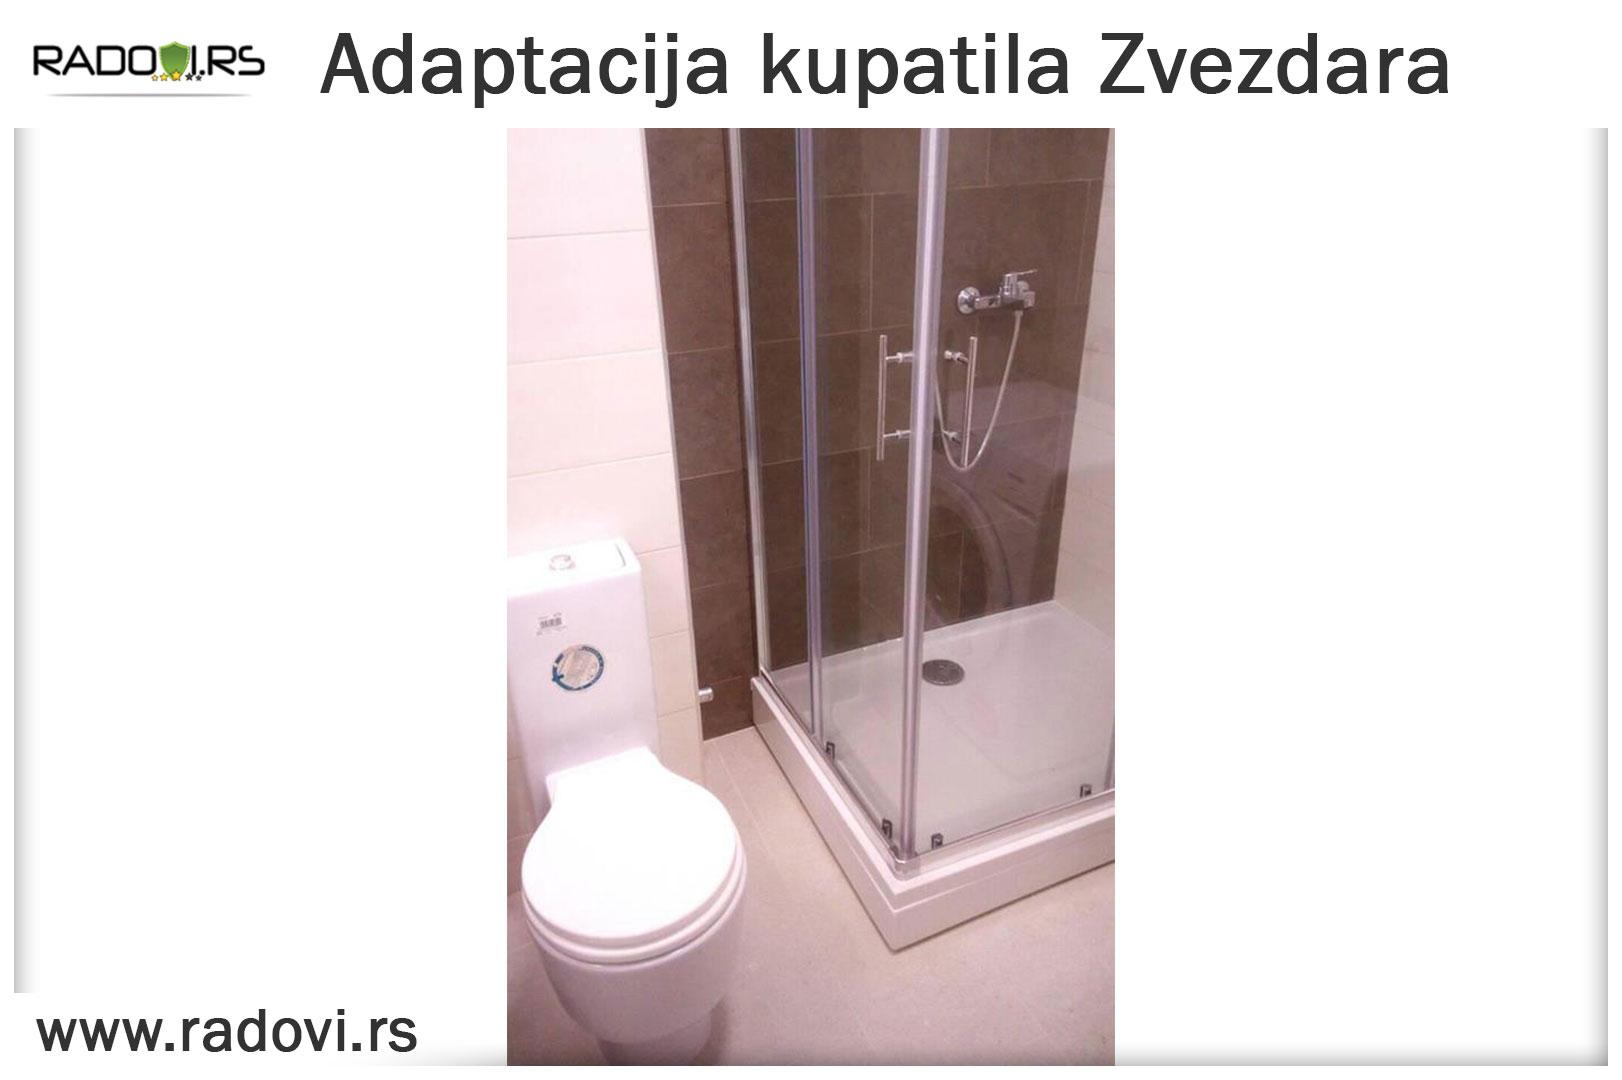 Adaptacija kupatila Zvezdara - Vodoinstalater Beograd Tim - Radovi.rs